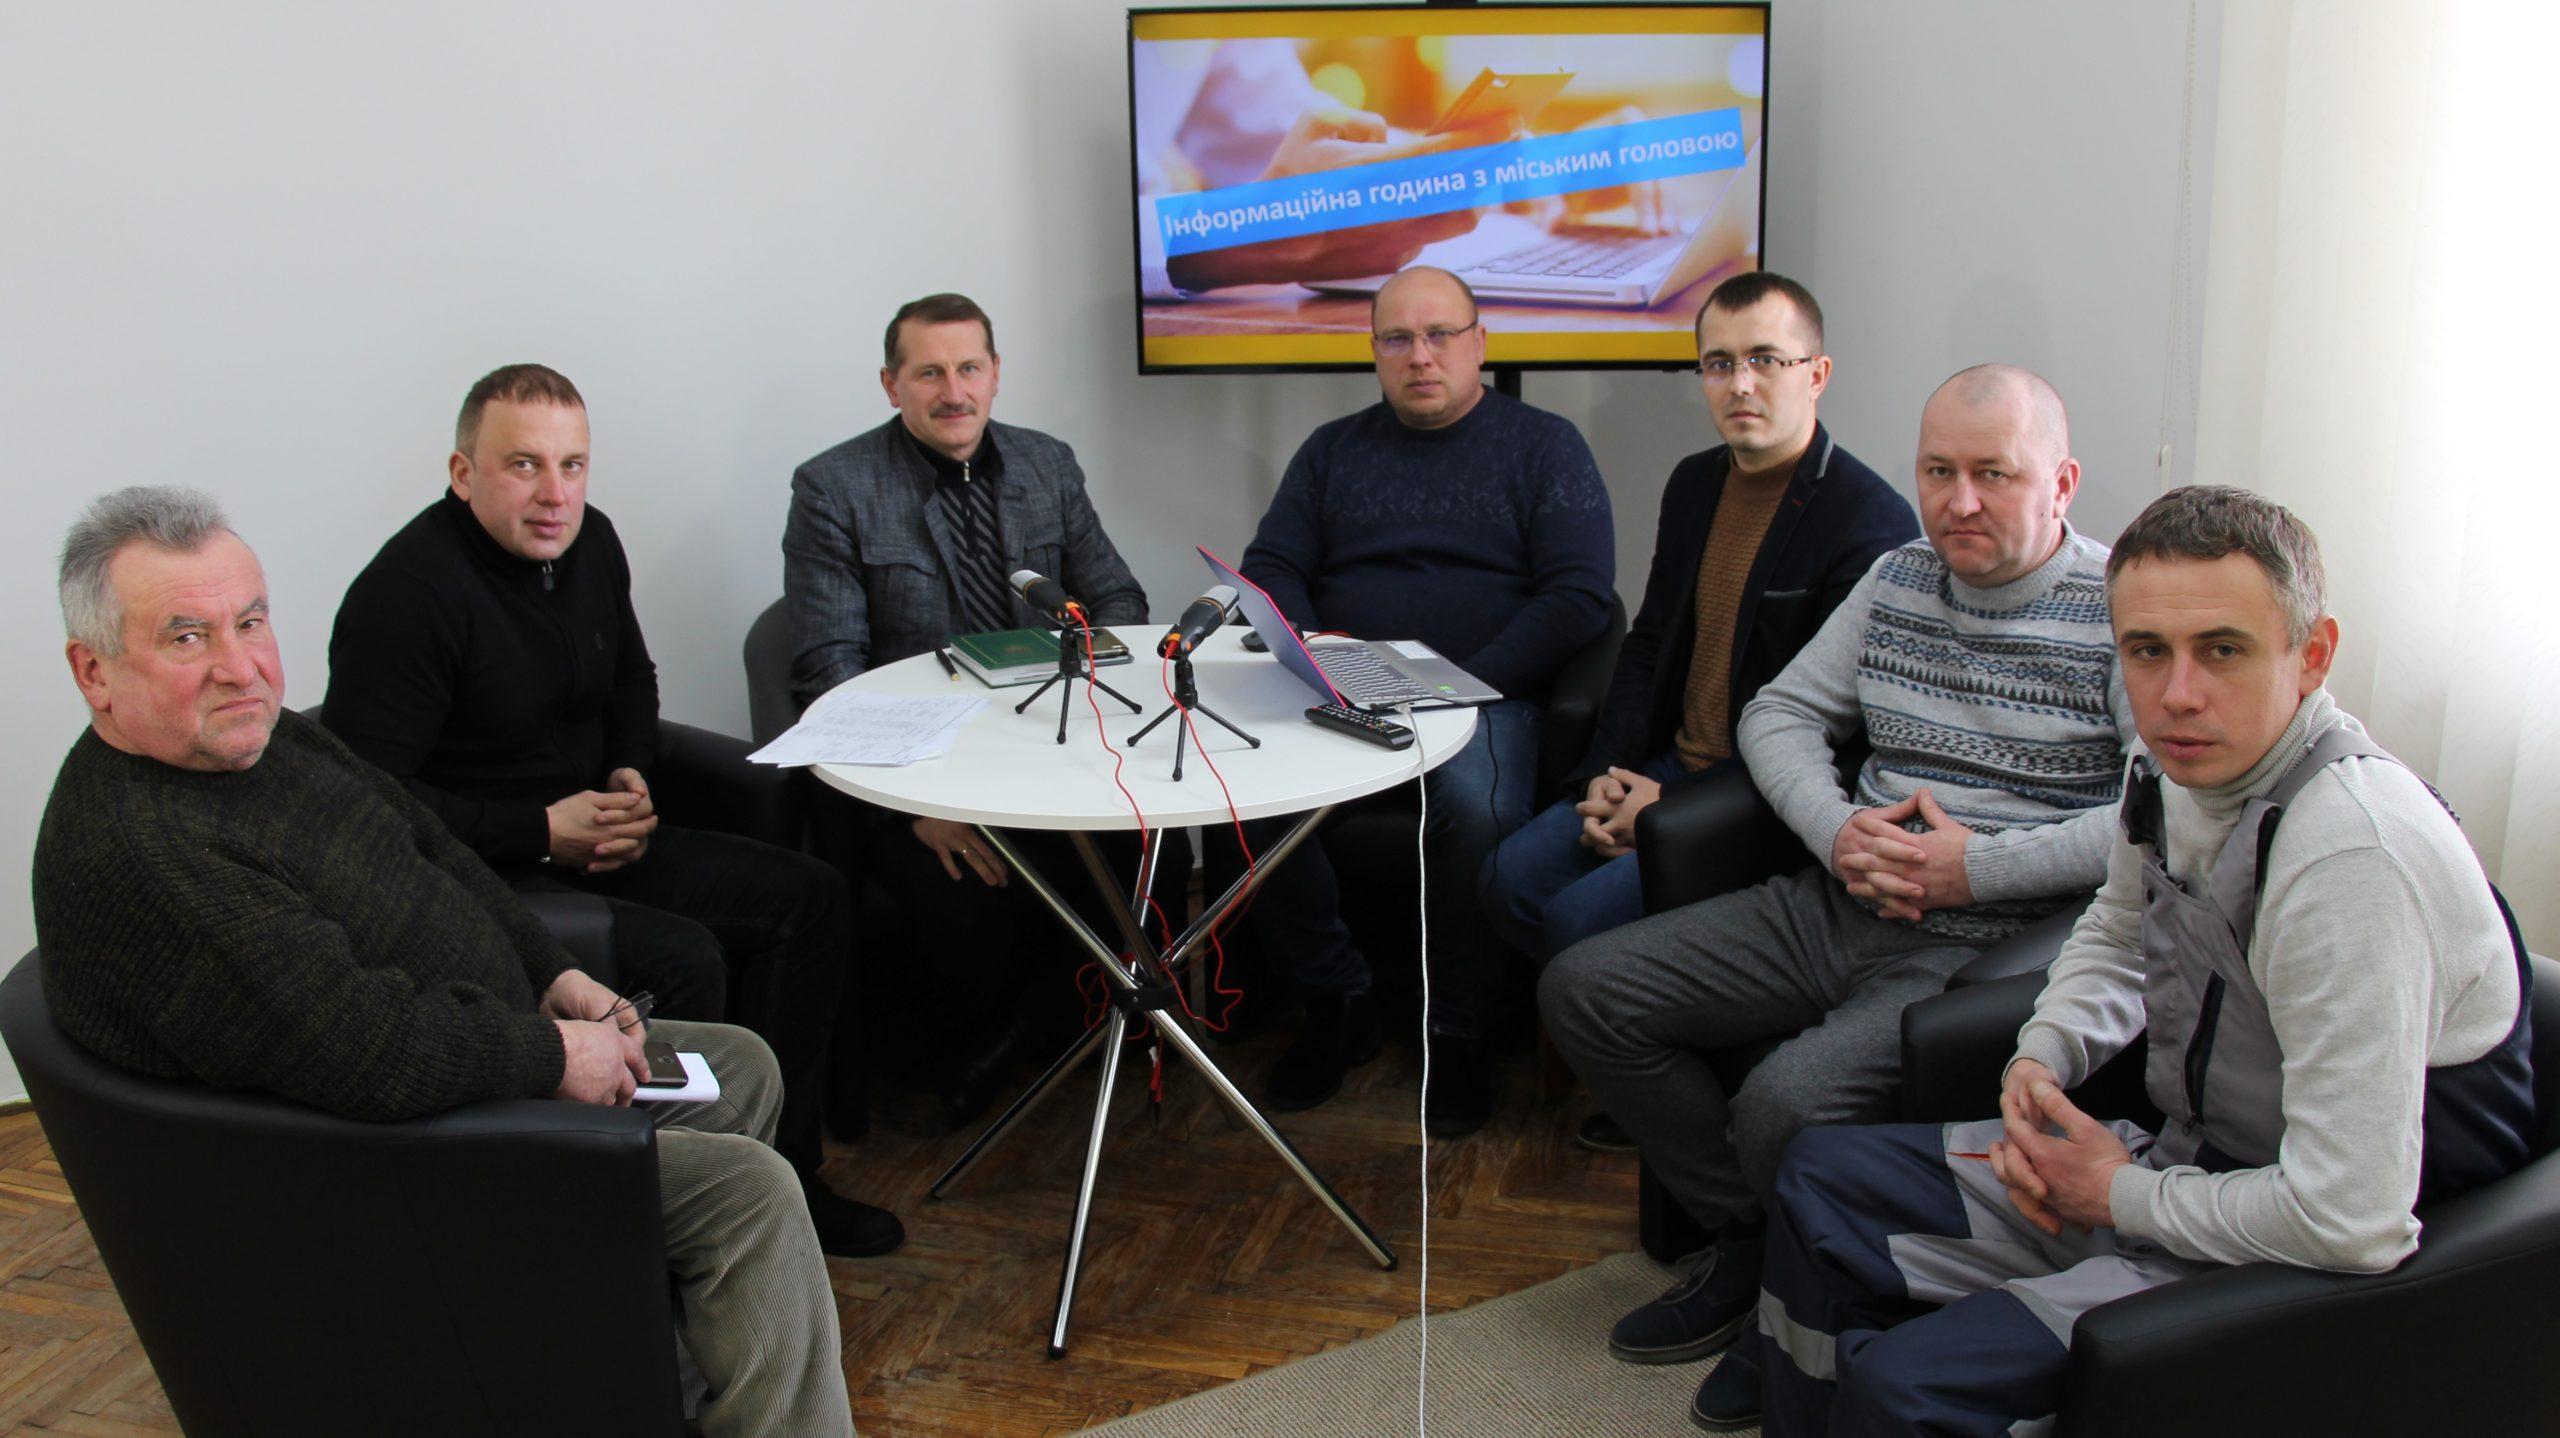 """КМЦ """"Дрогобич:"""". Інформаційна година з міським головою Тарасом Кучмою"""